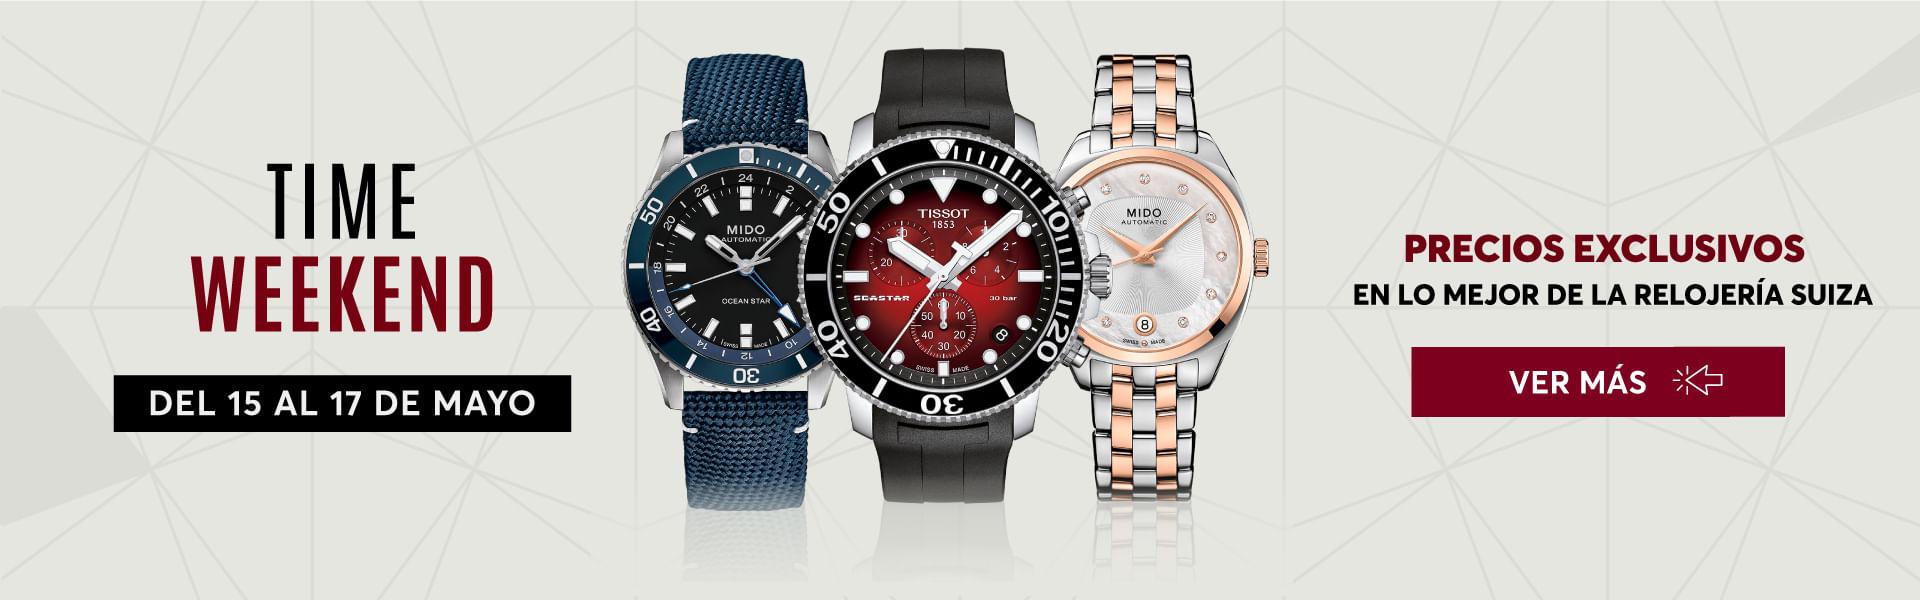 Time Weekend - Precios especiales en relojes de las mejores marcas